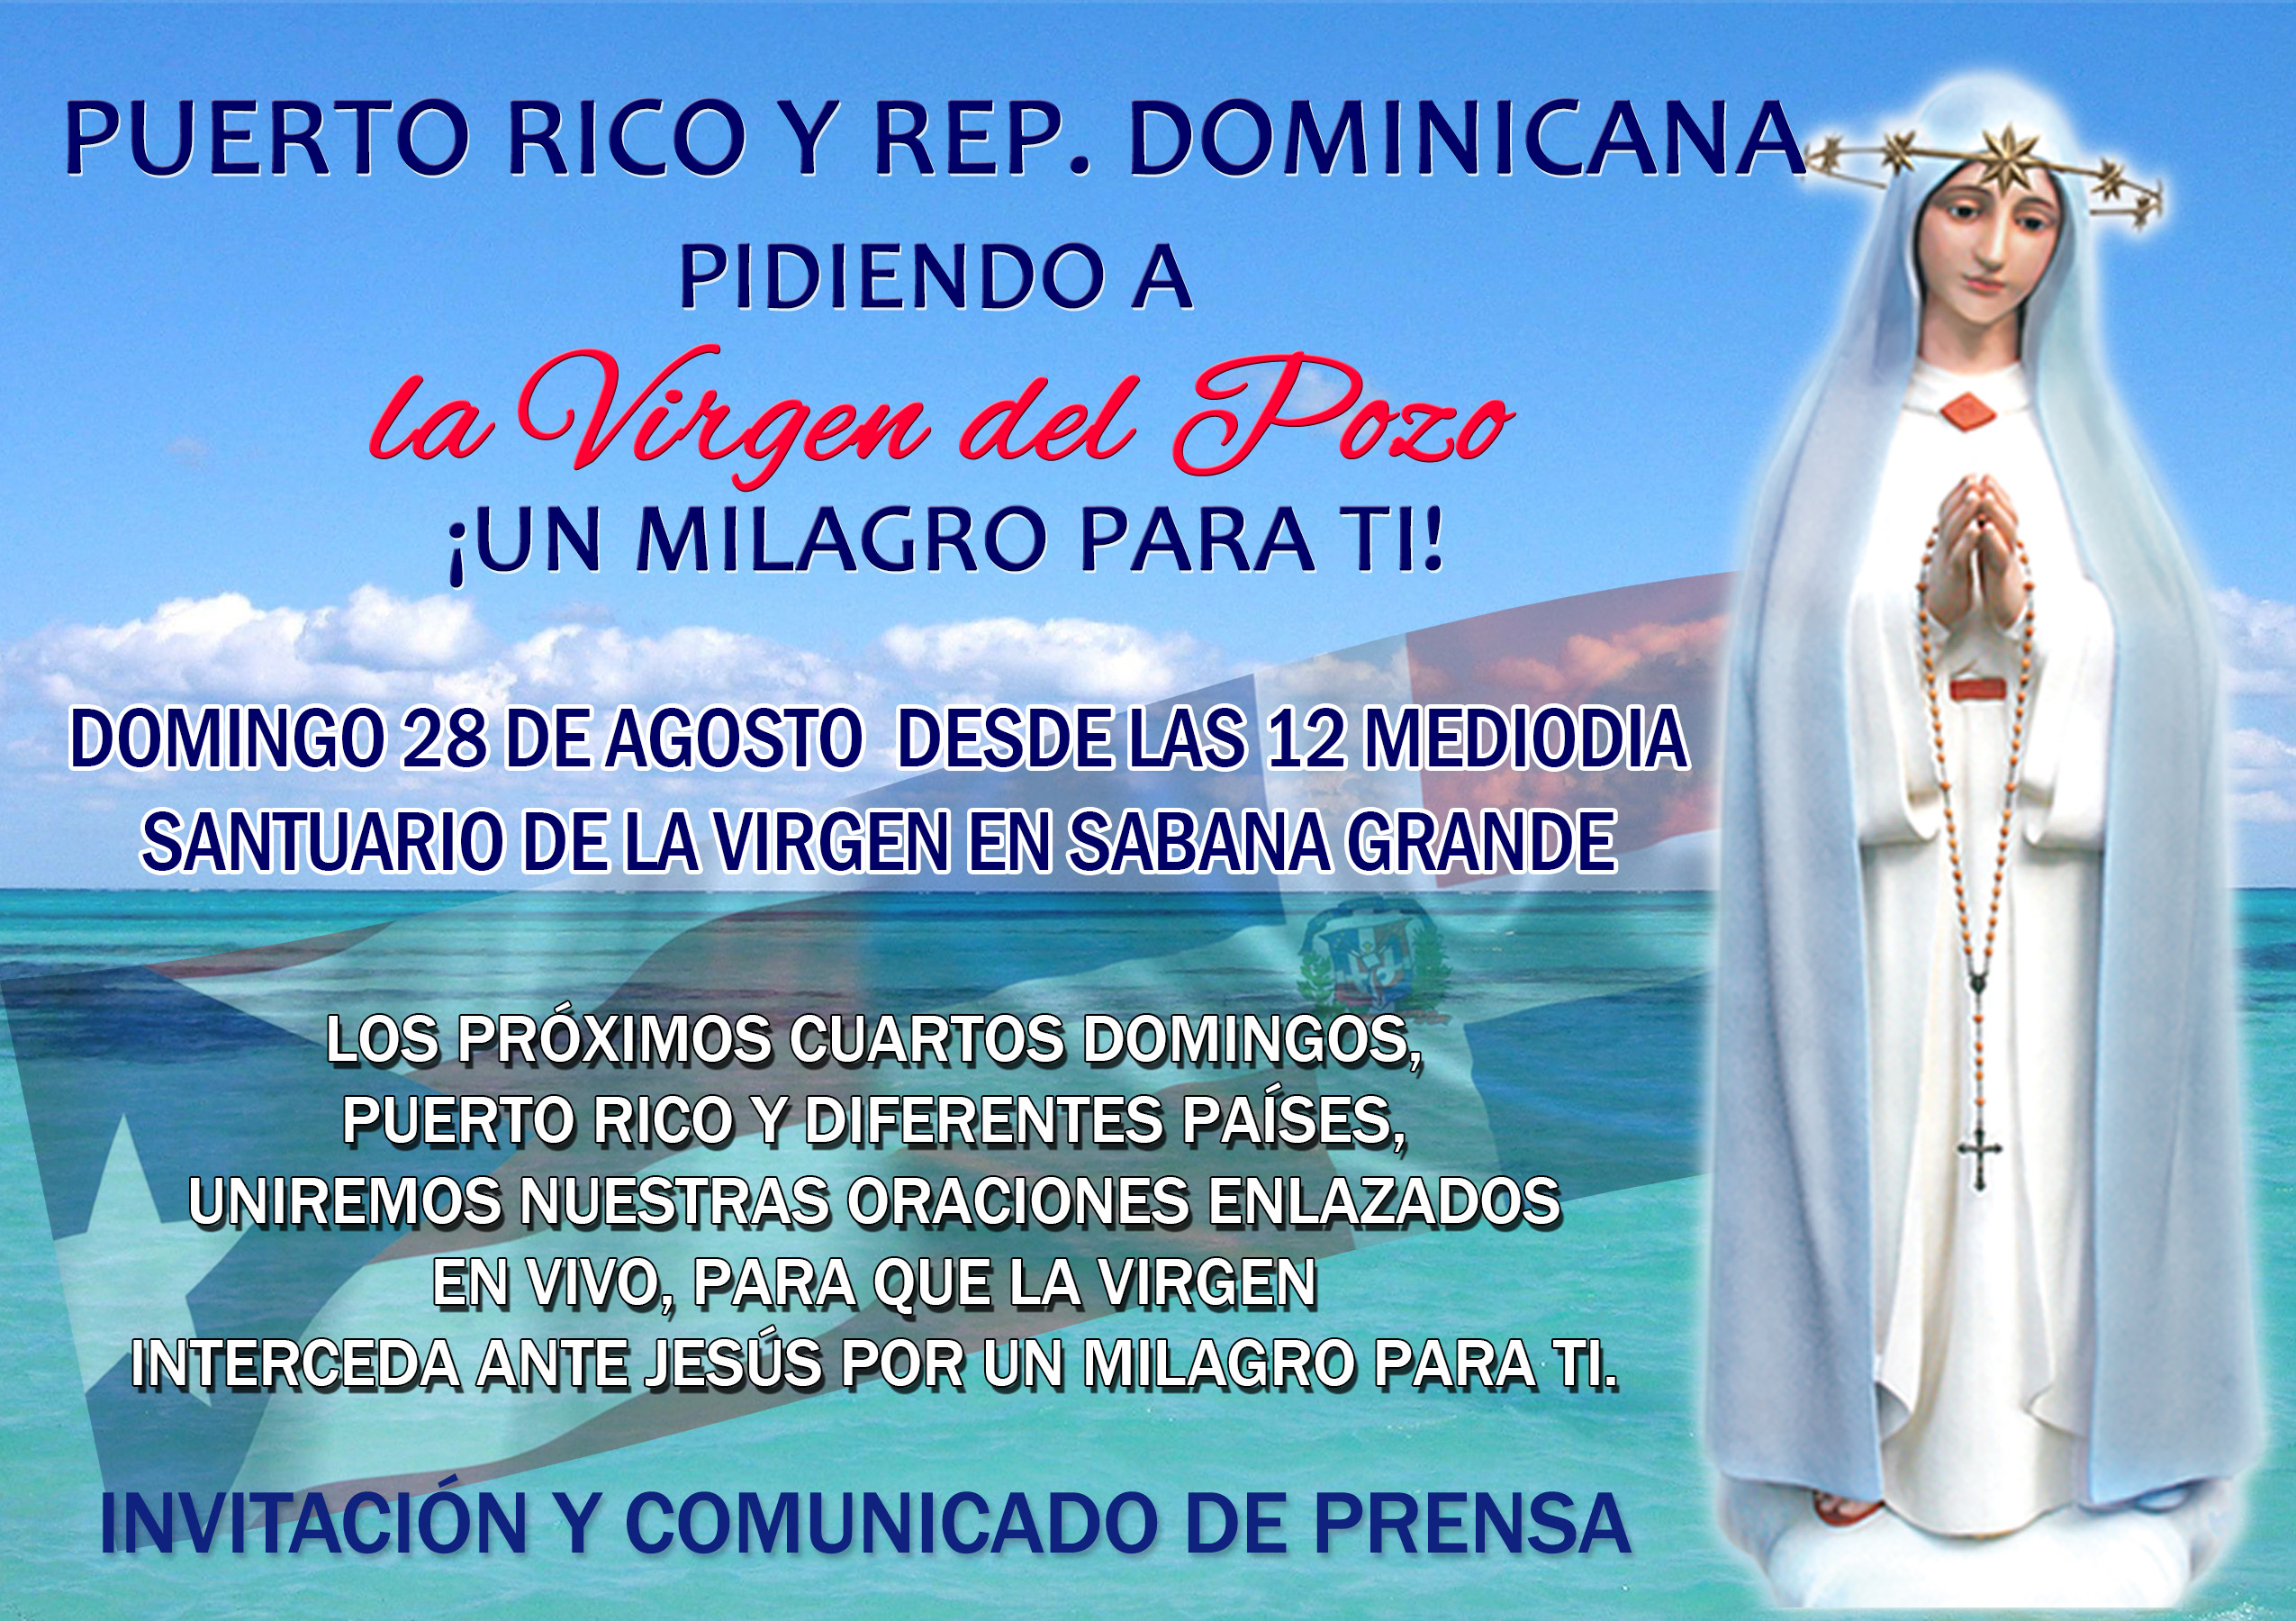 INVITACION _4TO DGO DE AGOS_ PR con comunicado de Prensa